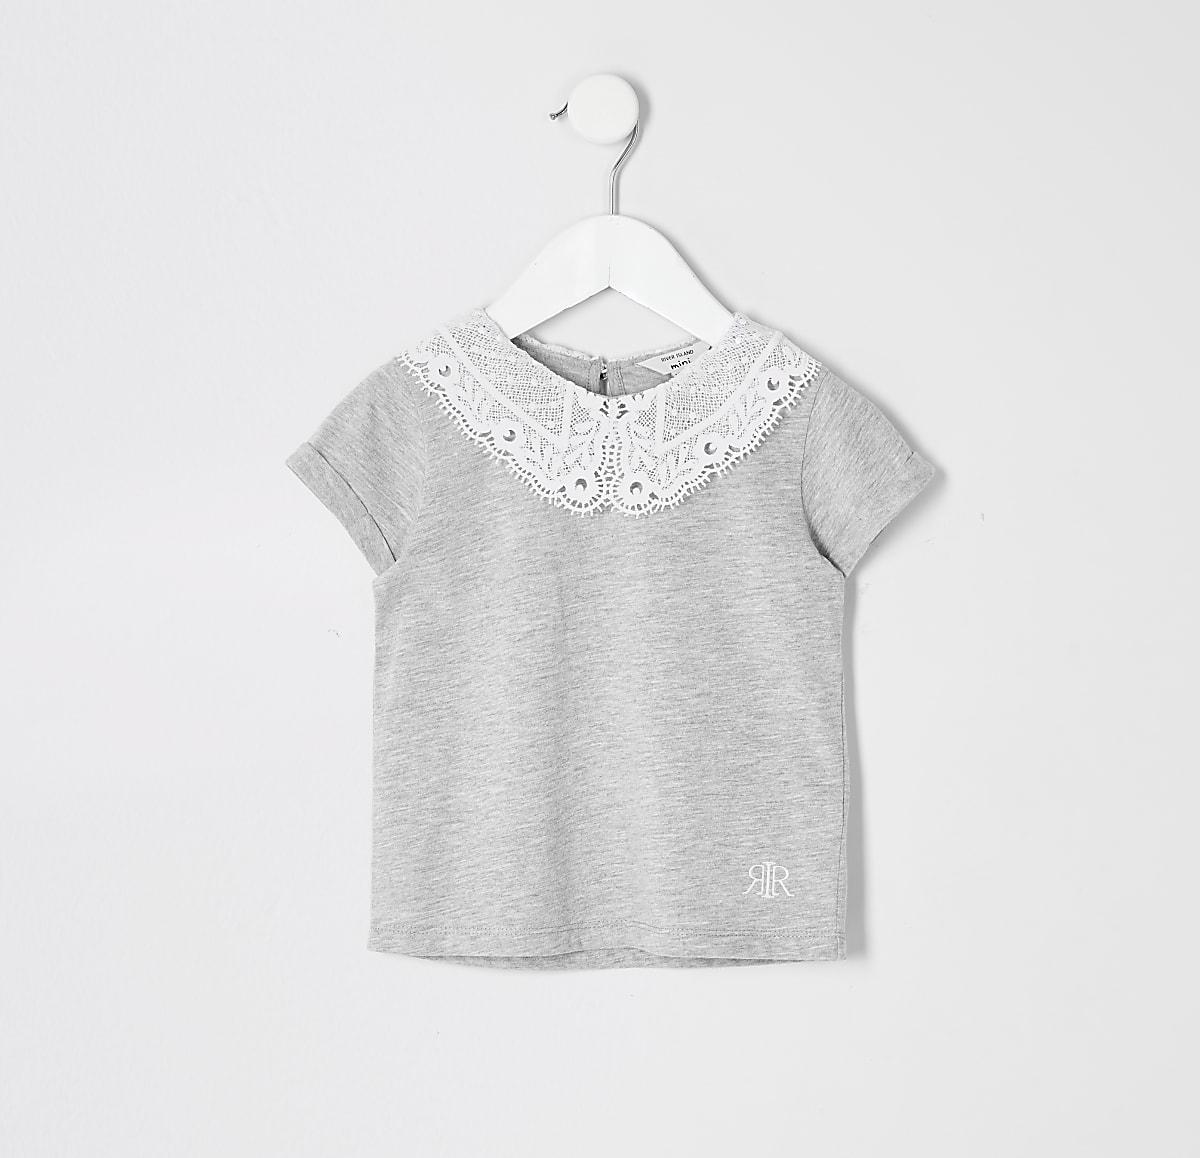 Mini - Grijs T-shirt met kanten rond kraag voor meisjes